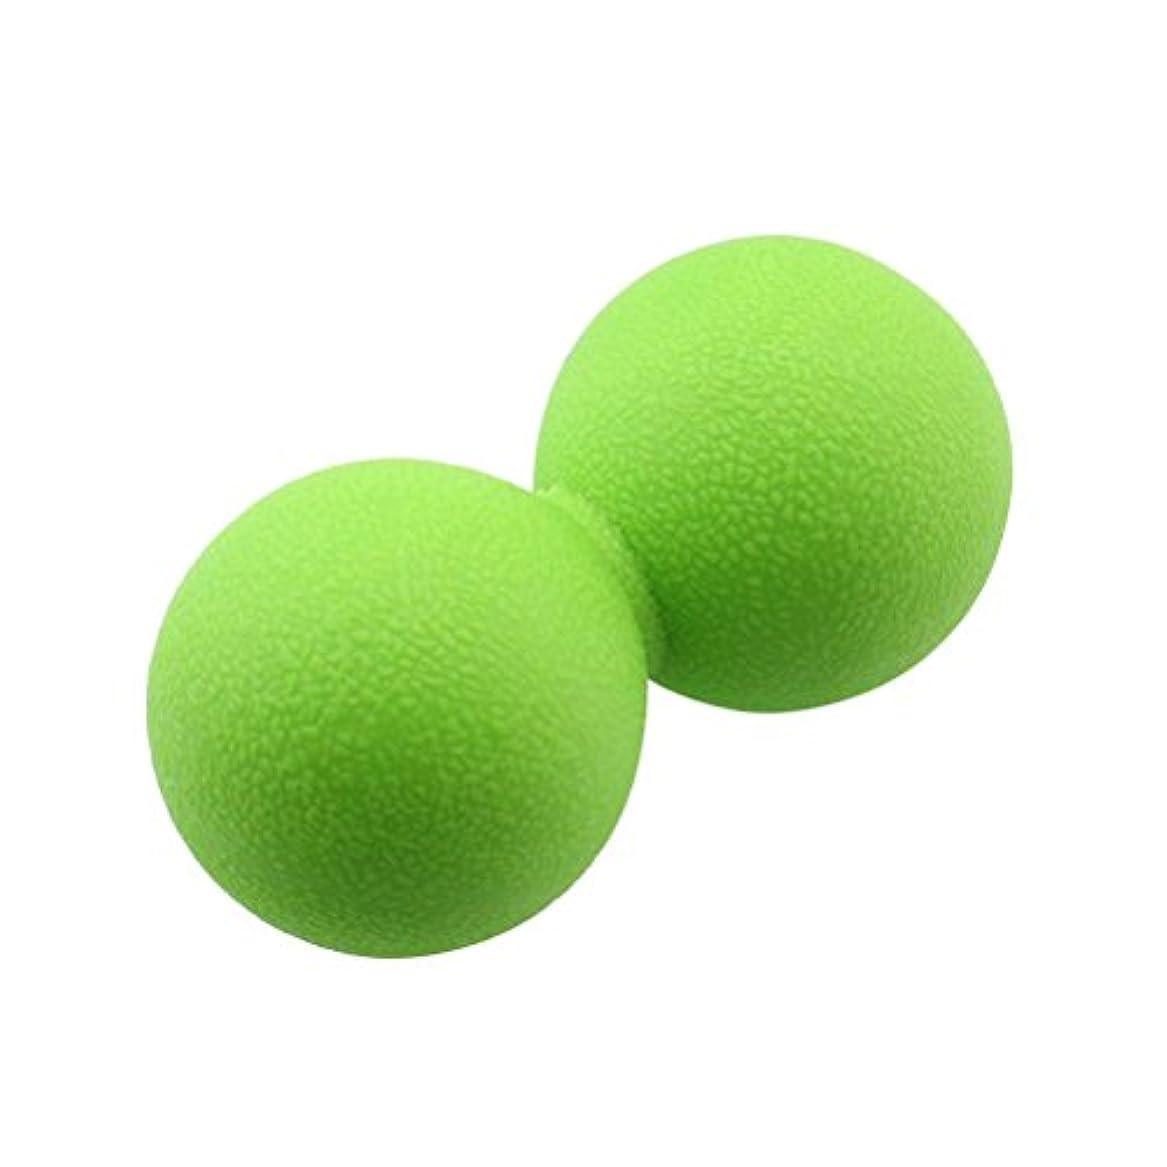 候補者形式皮VORCOOL マッサージボール ストレッチボール ハードタイプ トリガーポイント トレーニング 背中 肩こり 腰 ふくらはぎ 足裏 ツボ押しグッズ スーパーハードタイプ 筋肉痛を改善 運動前後(緑)